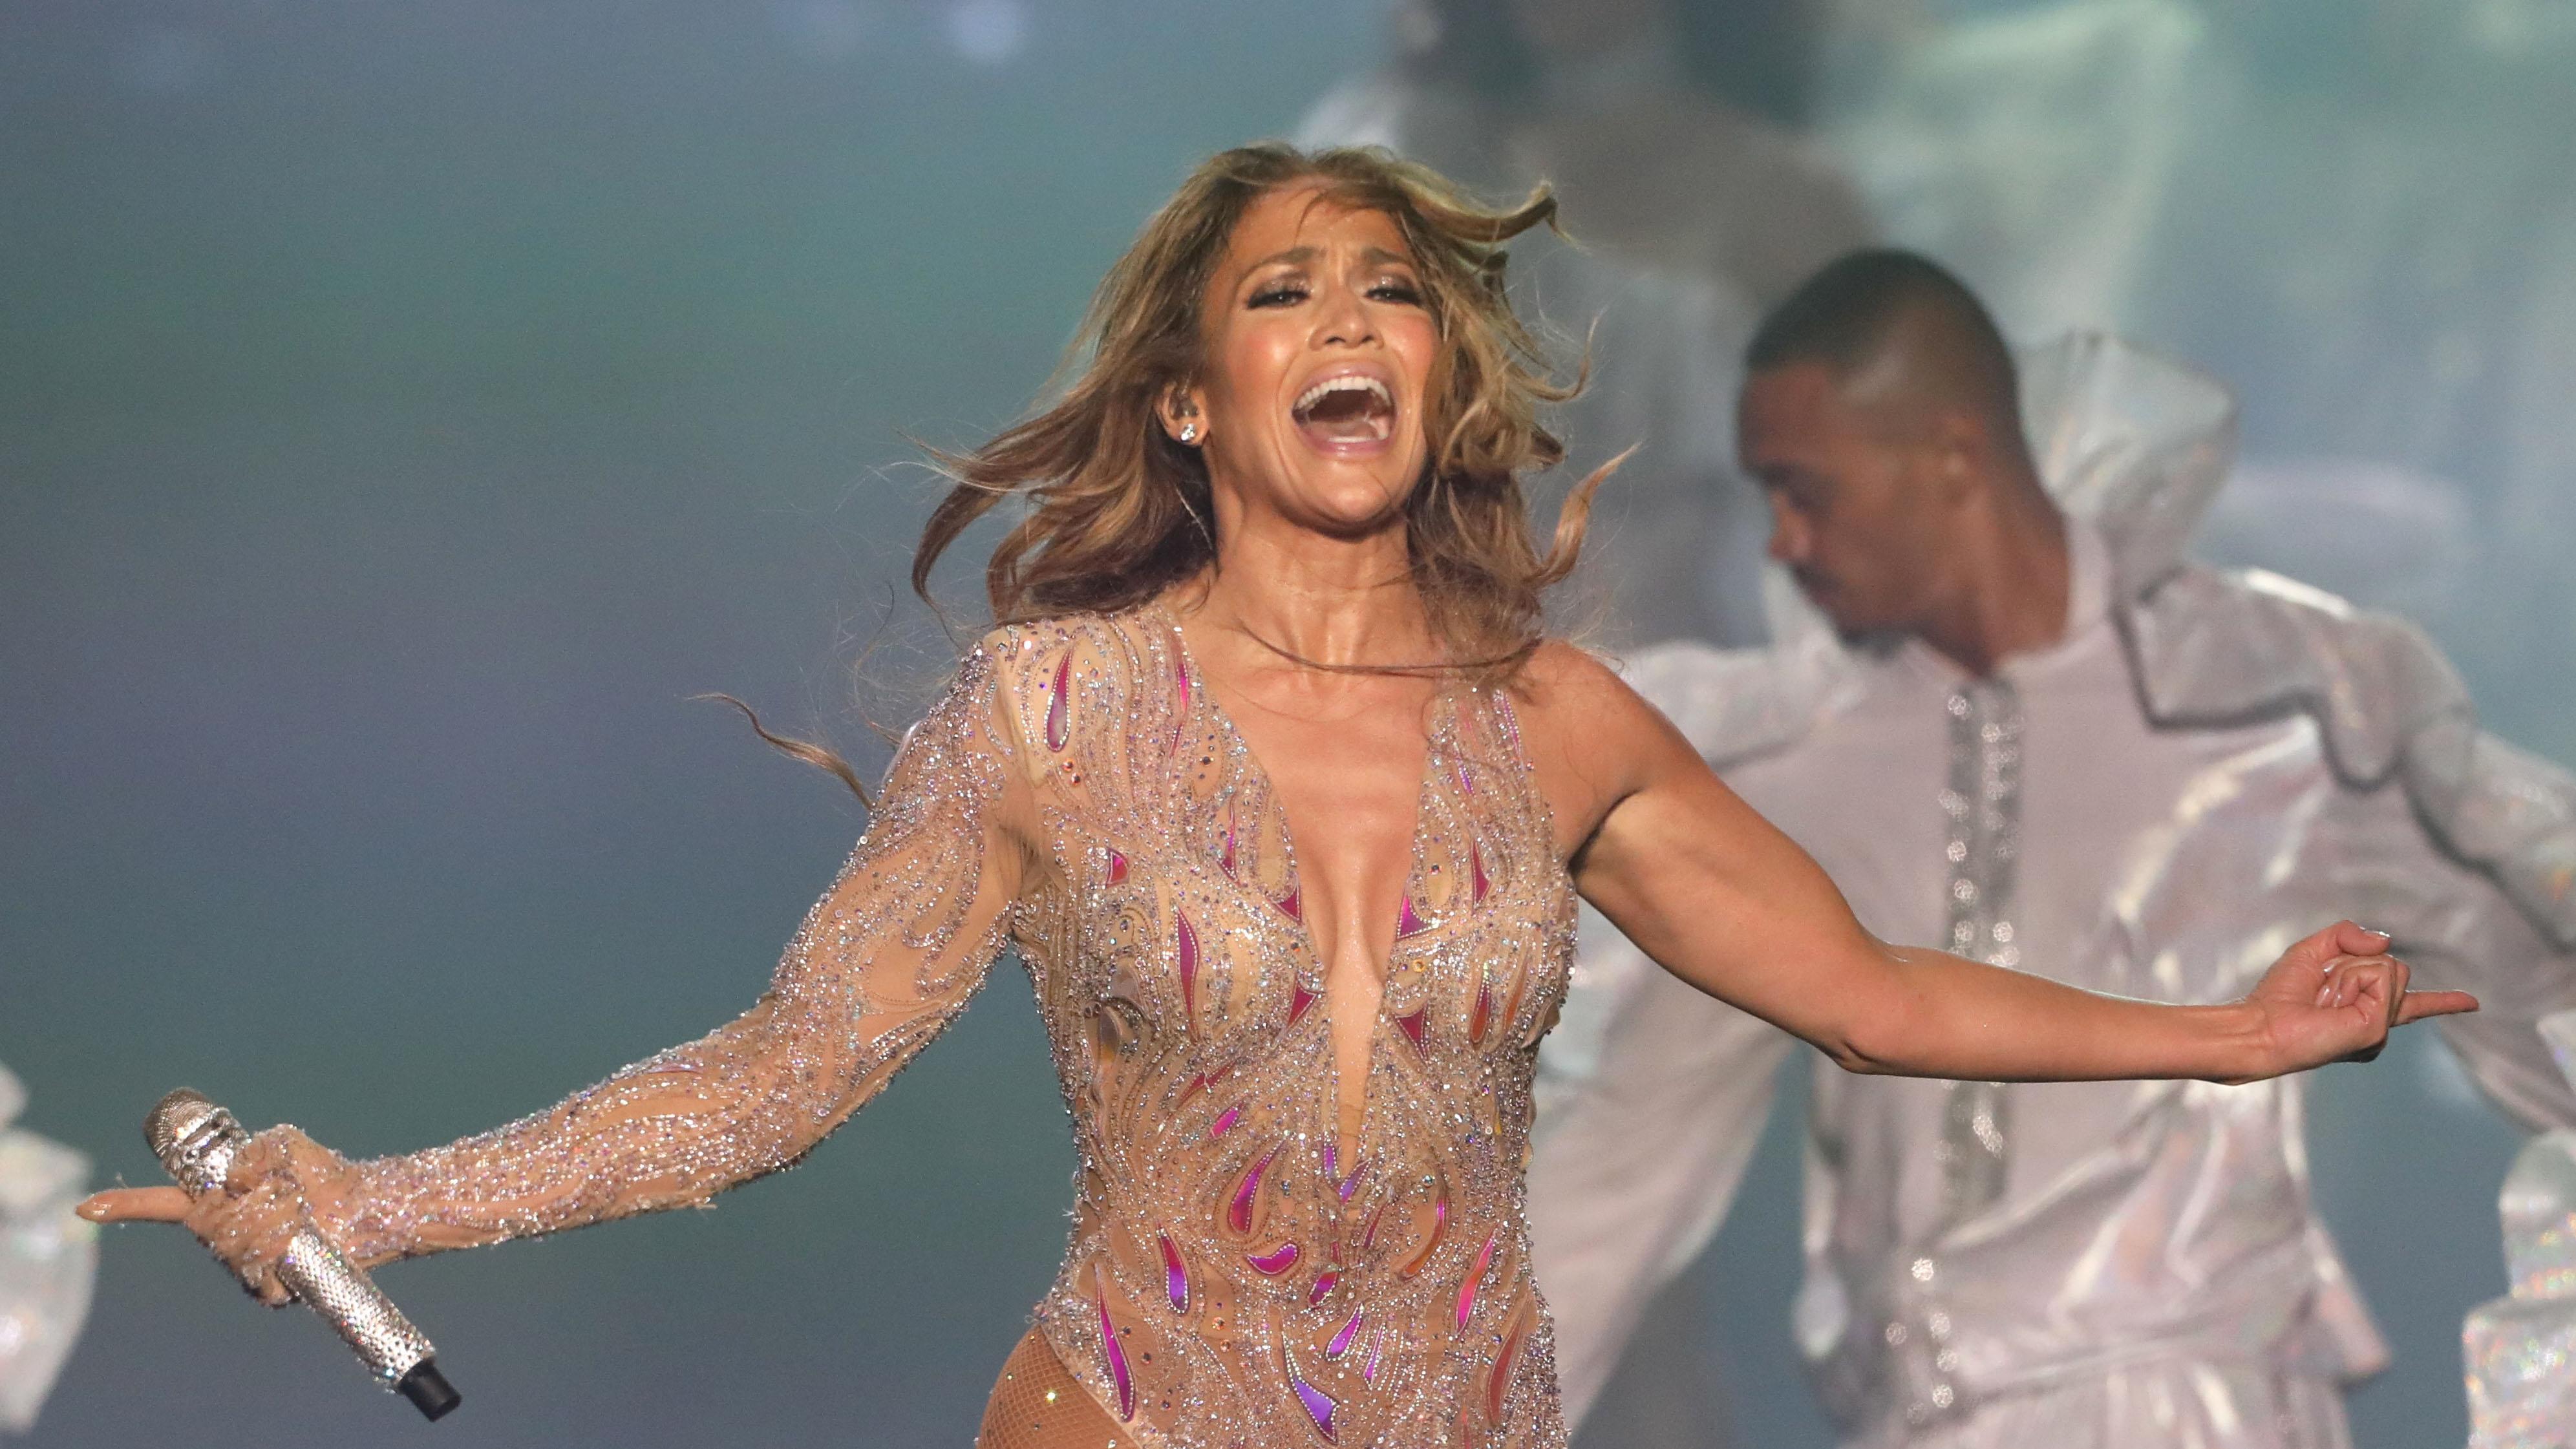 La emotiva reacción de Jennifer López cuando confirmaron su actuación en el Super Bowl